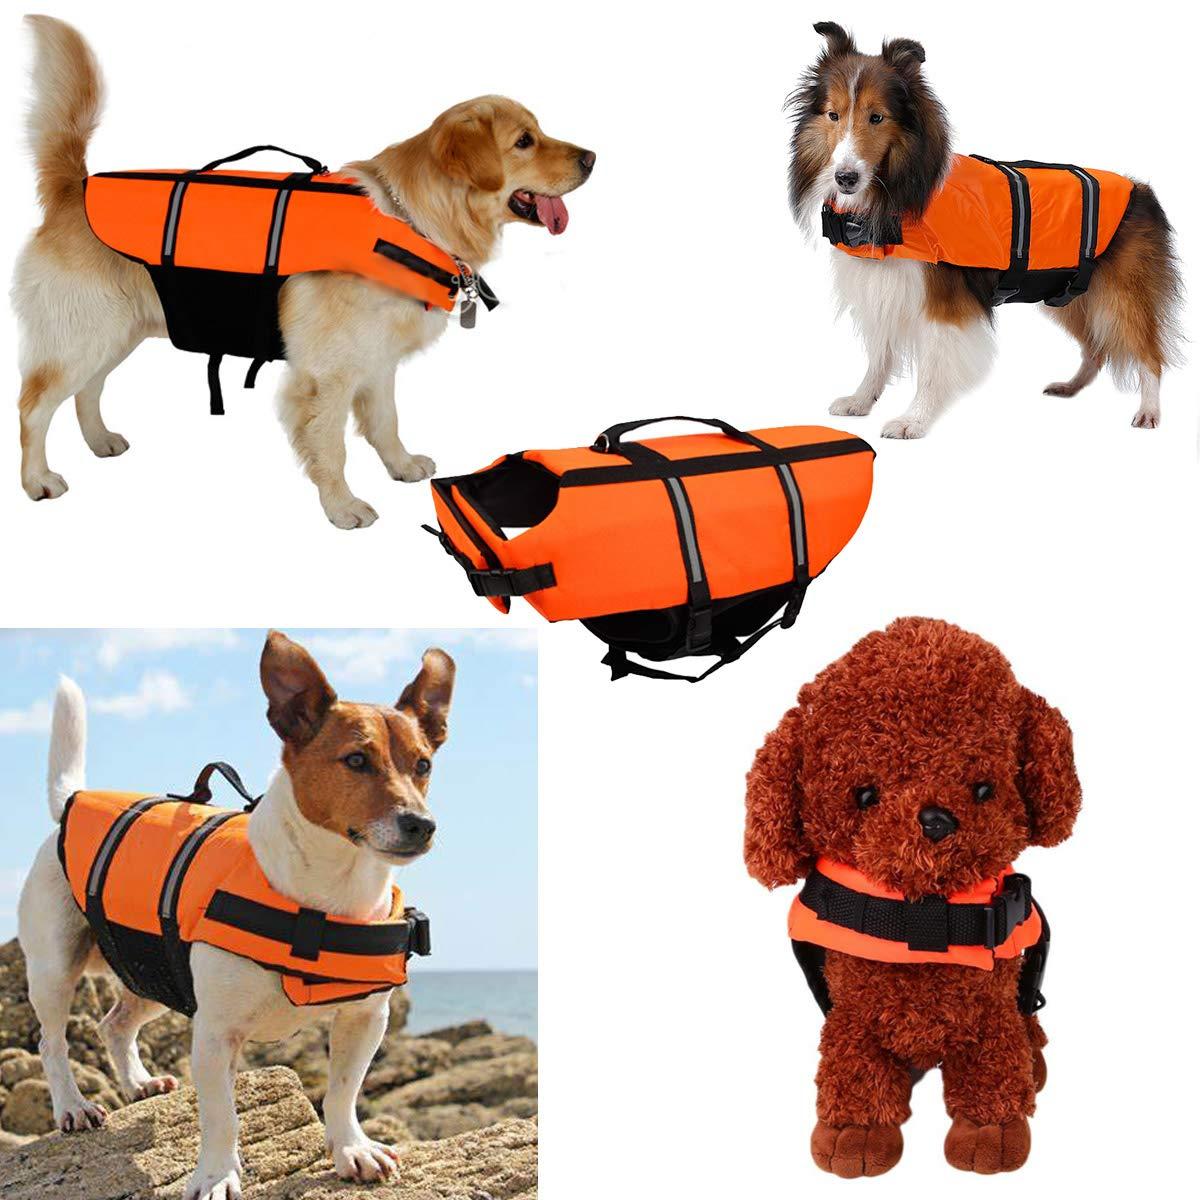 A-MORE Dog Life Jackets Dog Saver Life Jacket Dog Swimming Vest Adjustable Life Jacket for Dogs